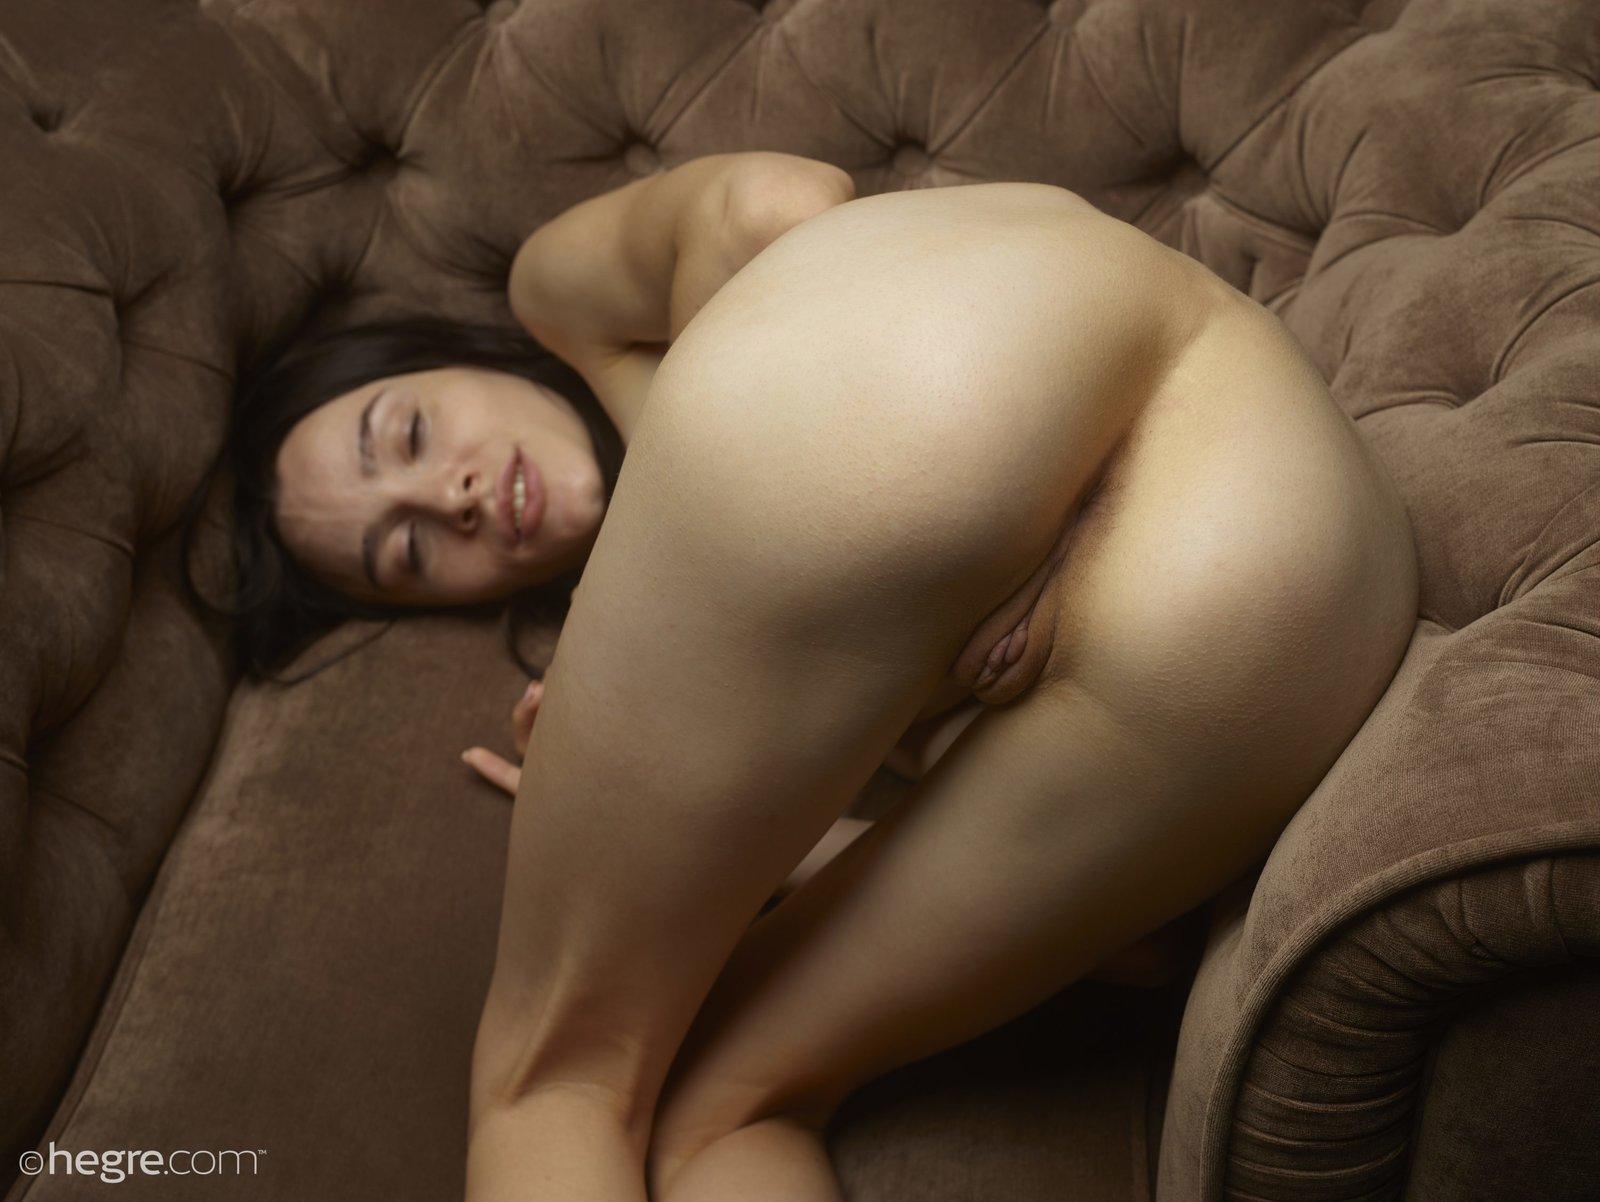 Extreme erotic art